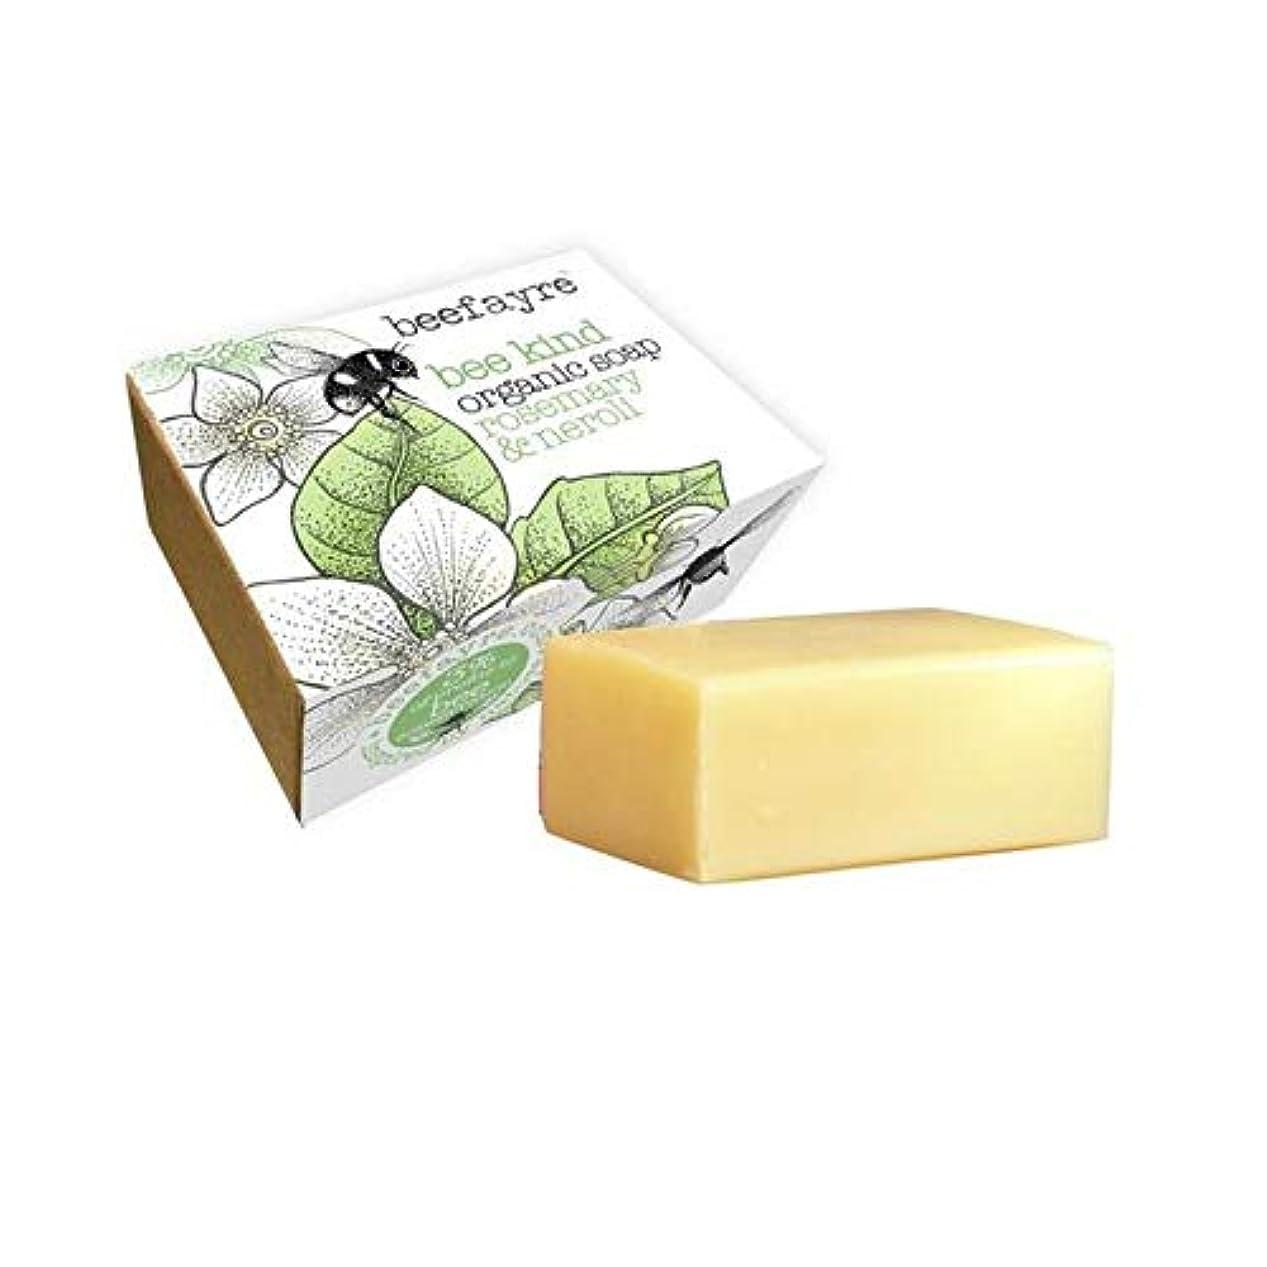 保持する四半期鷲[Beefayre] 有機ローズマリー&ネロリソープバー100グラムBeefayre - Beefayre Organic Rosemary & Neroli Soap Bar 100g [並行輸入品]